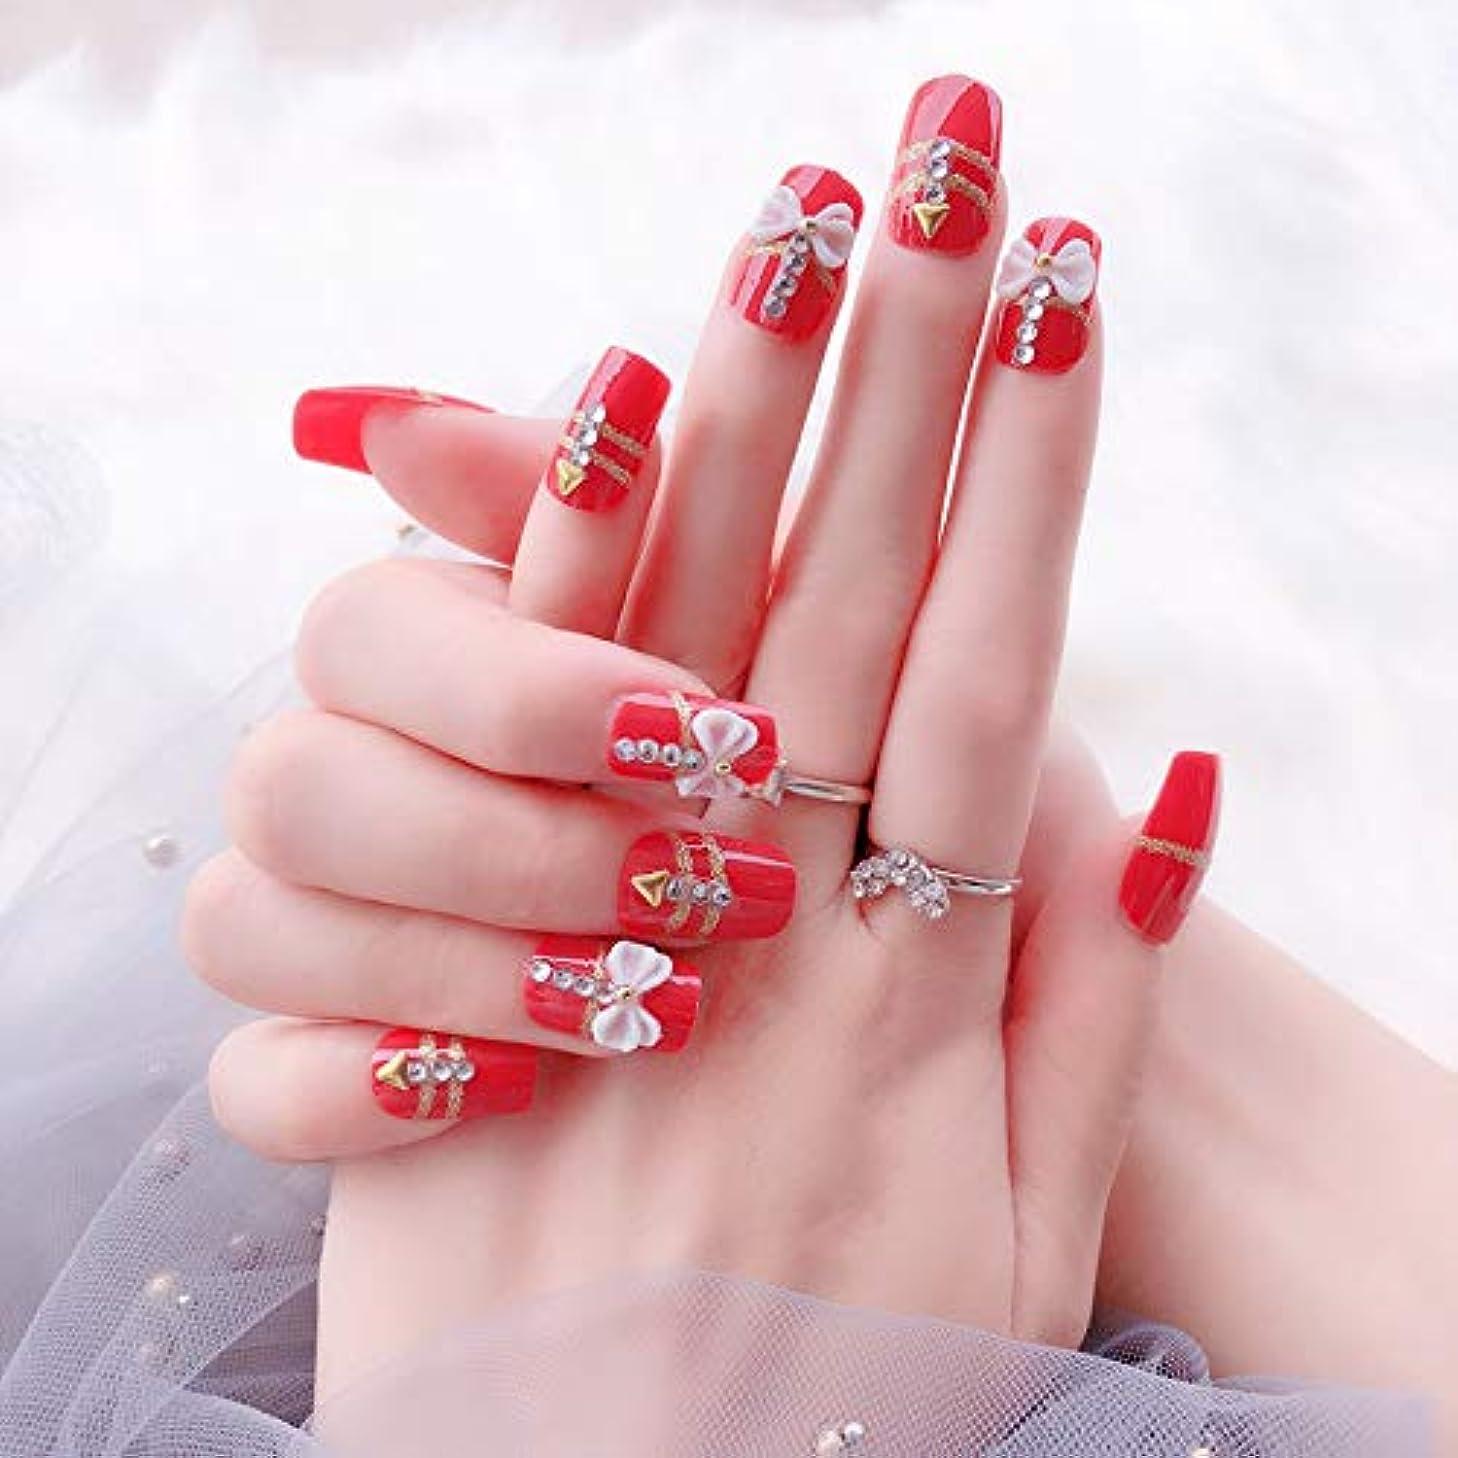 ディレクトリクール粘り強い花嫁ネイル 手作りネイルチップ 和装 ネイル 24枚入 結婚式、パーティー、二次会など 可愛い優雅ネイル 蝶の飾り付け (レッド)